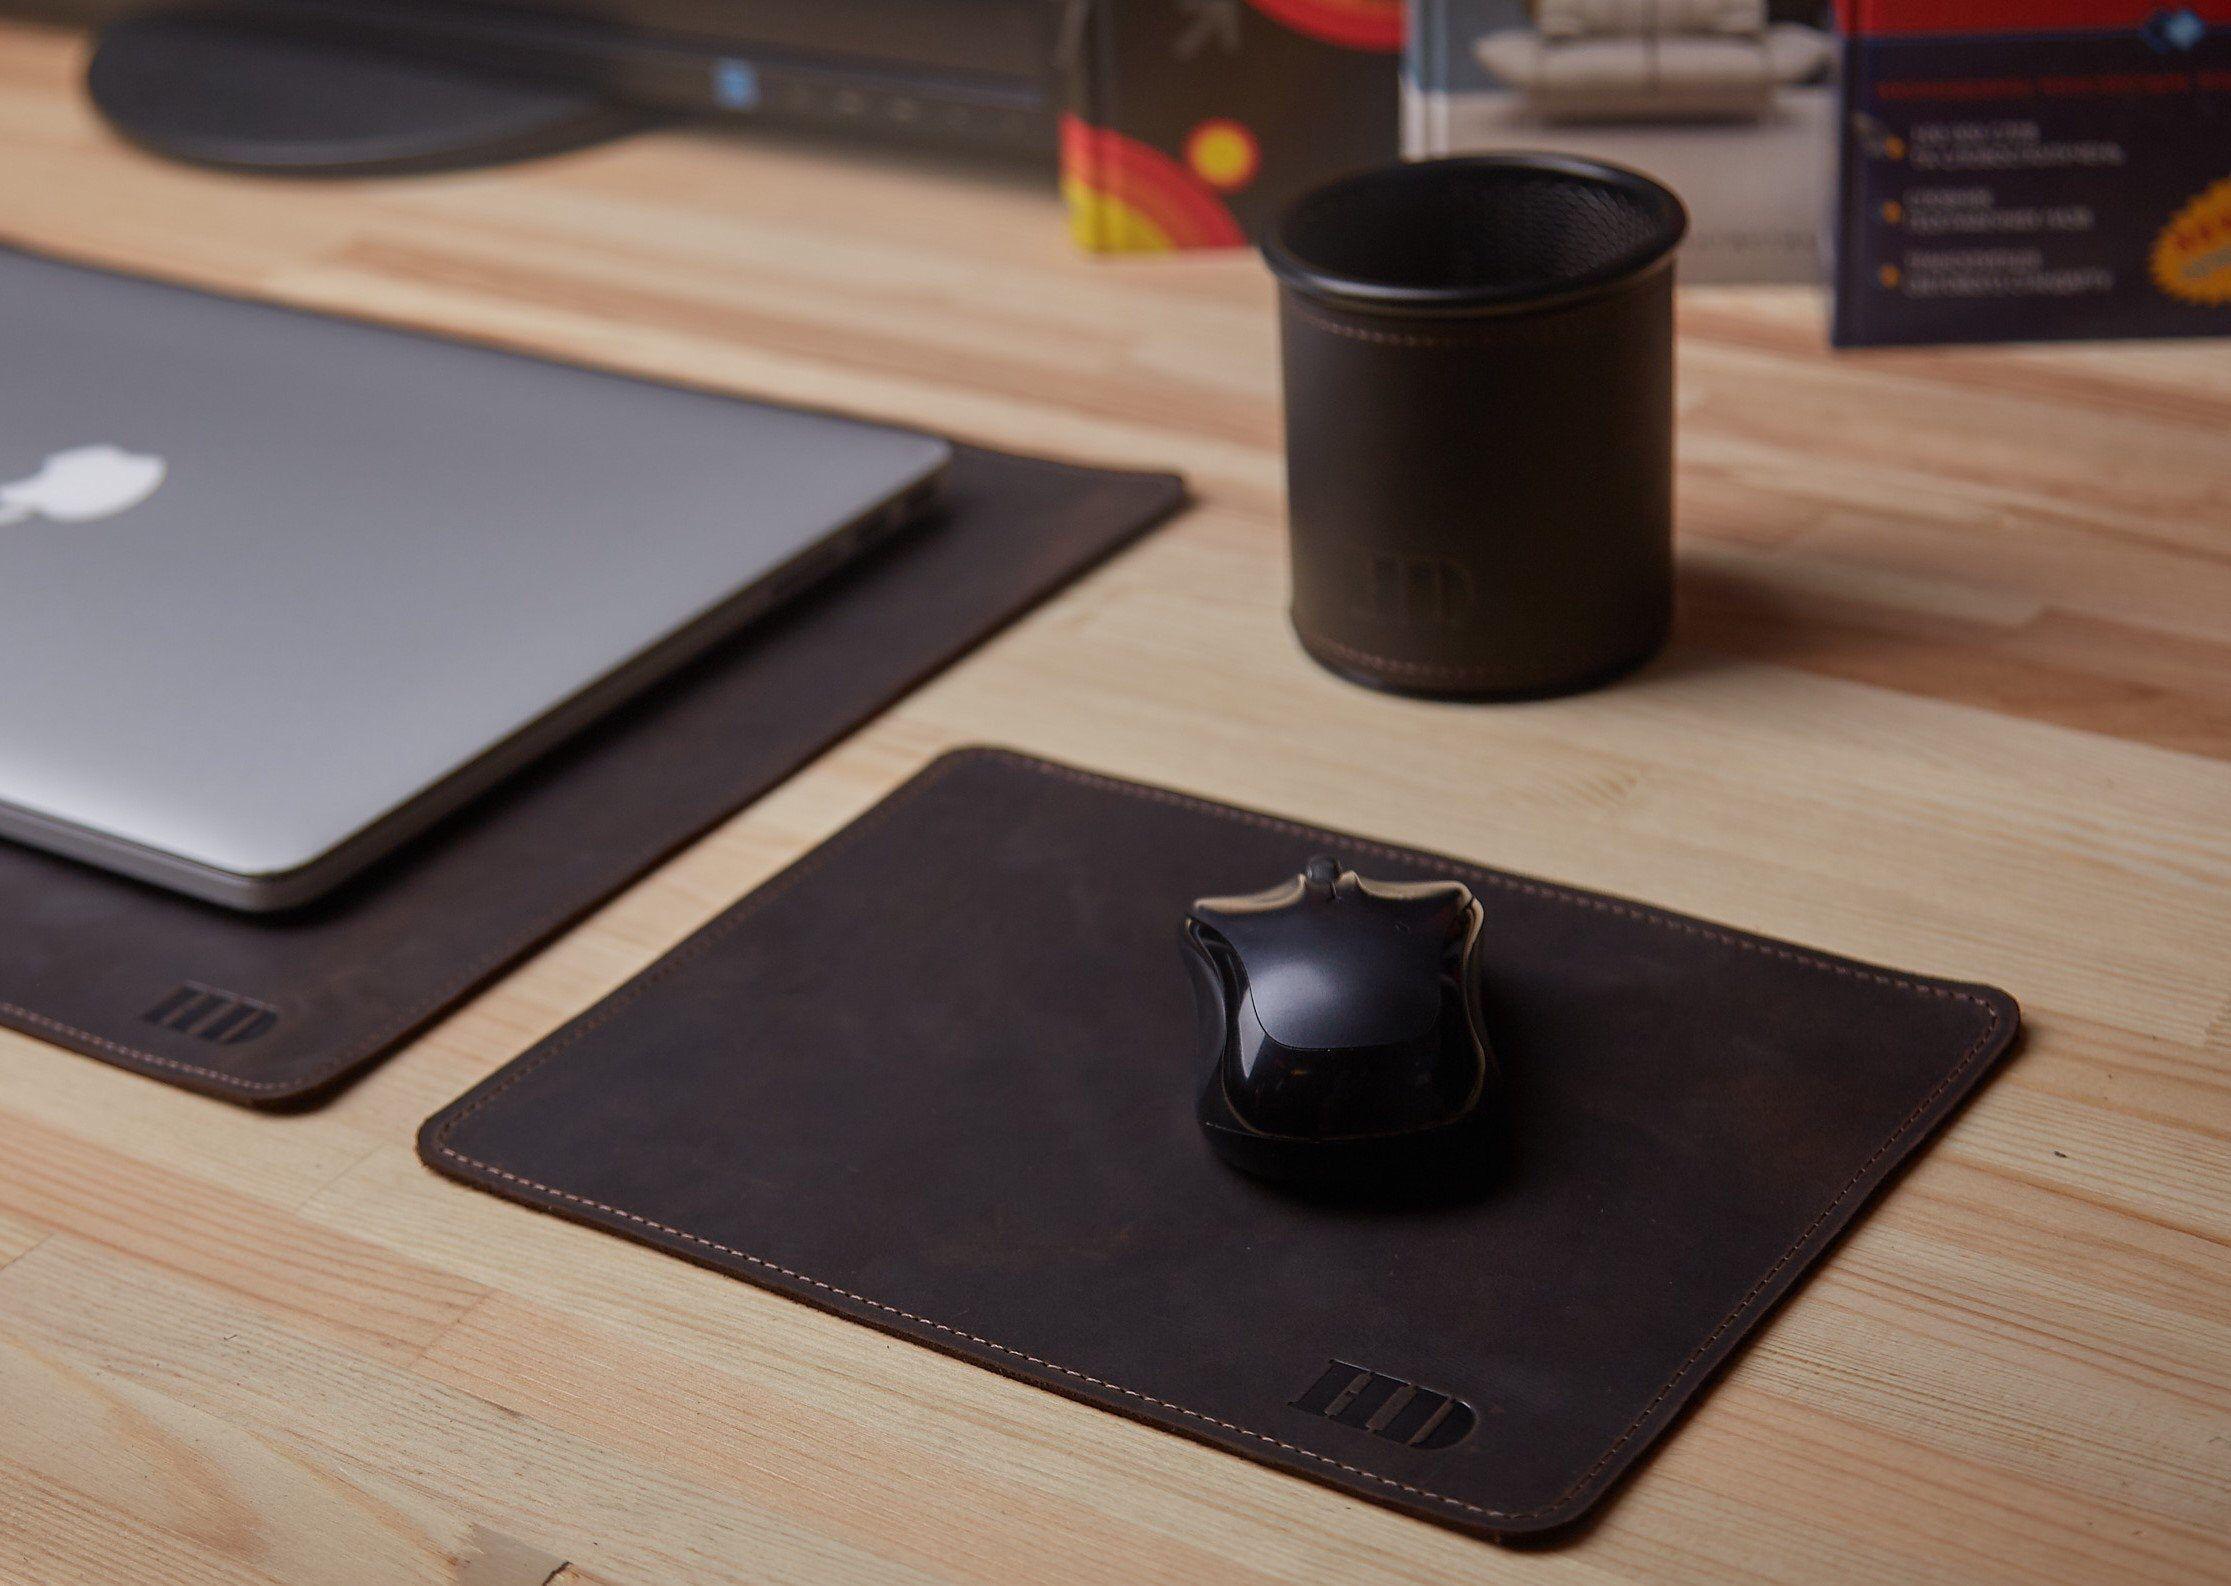 Office Desk Accessories Office Desk Accessories For Men Leather Desk Pad Mousemat Pen Cup Leather Anniversary In 2020 Leather Desk Pad Desk Accessories Office Desk Pad